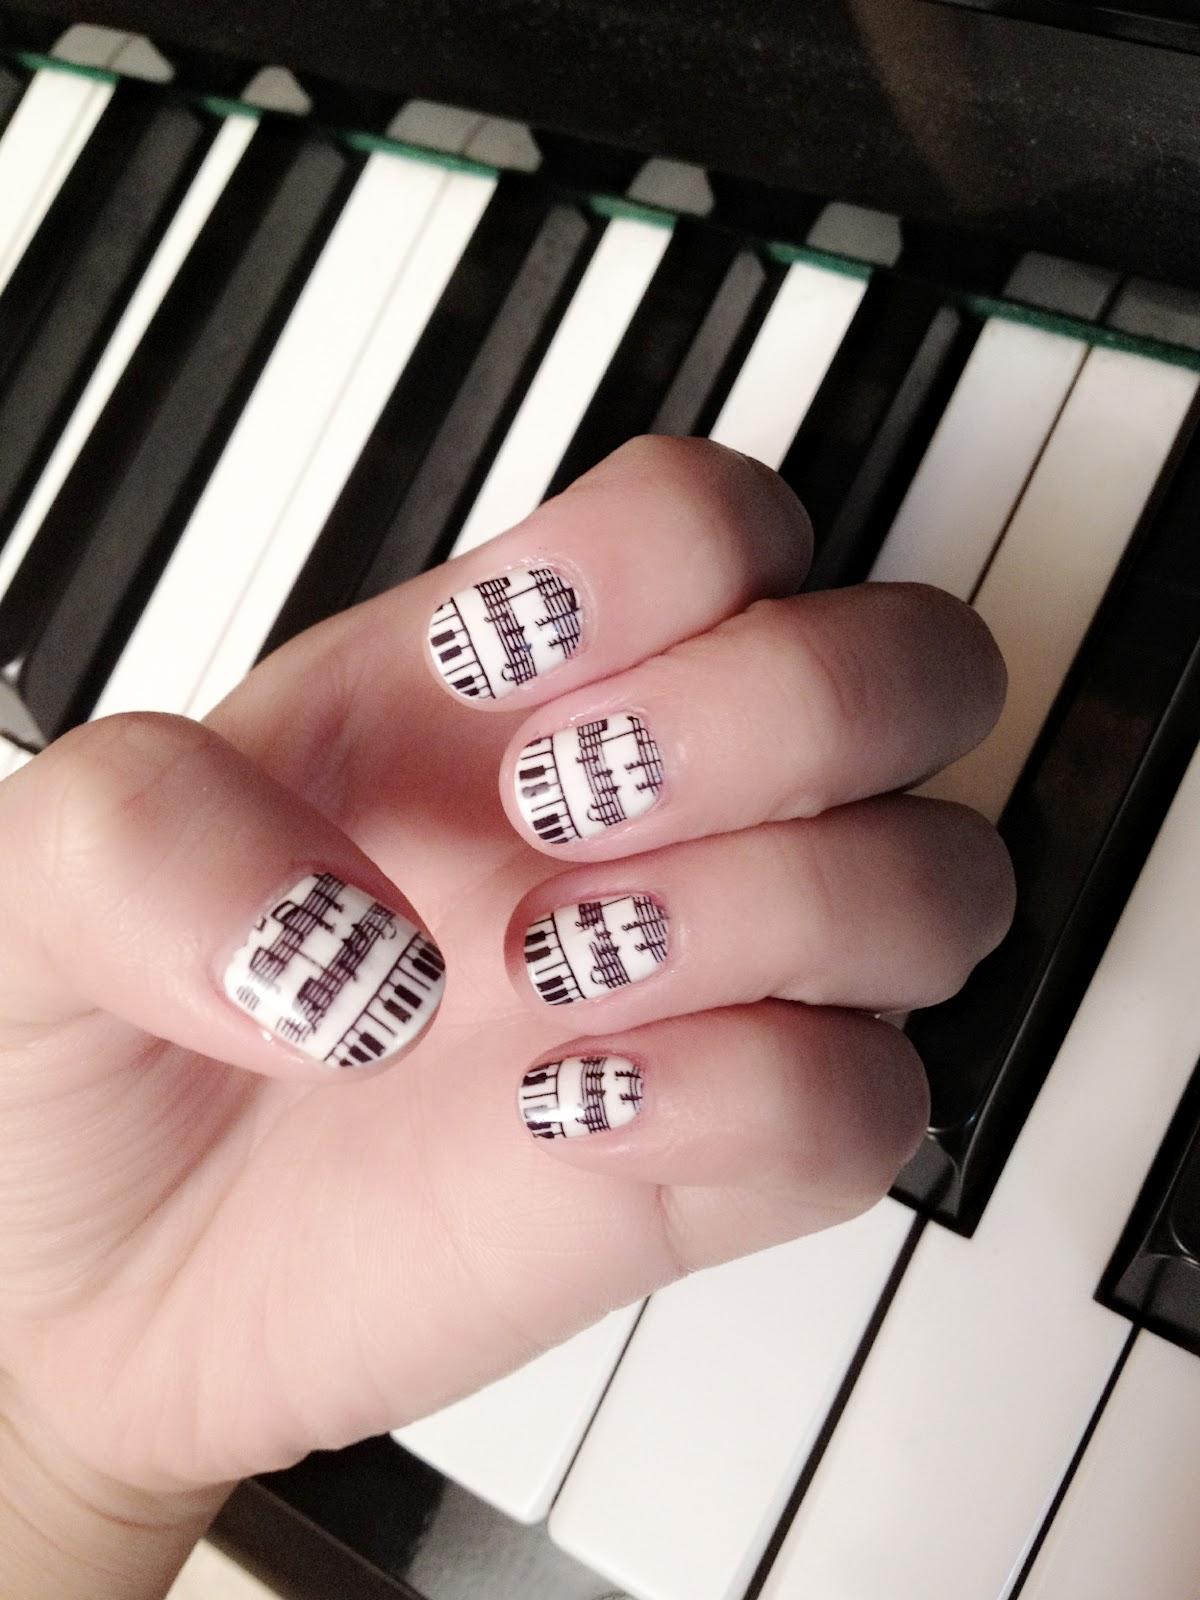 Sharp as nails a nail art blog music inspired nail art music inspired nail art prinsesfo Images